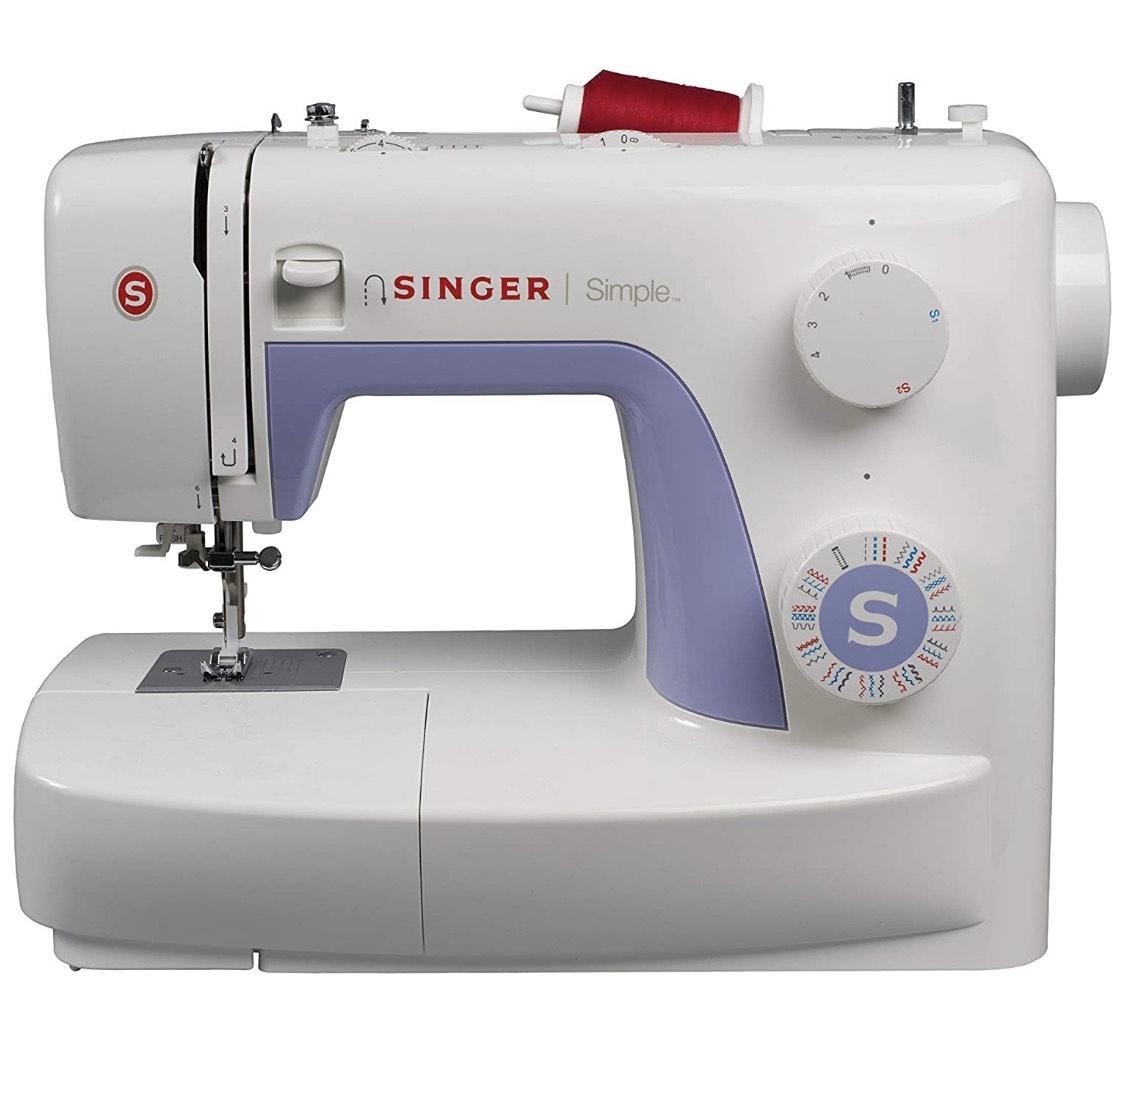 Machine à Coudre Singer Simple 3232 - Blanche/Mauve, 32 Points Ajustables